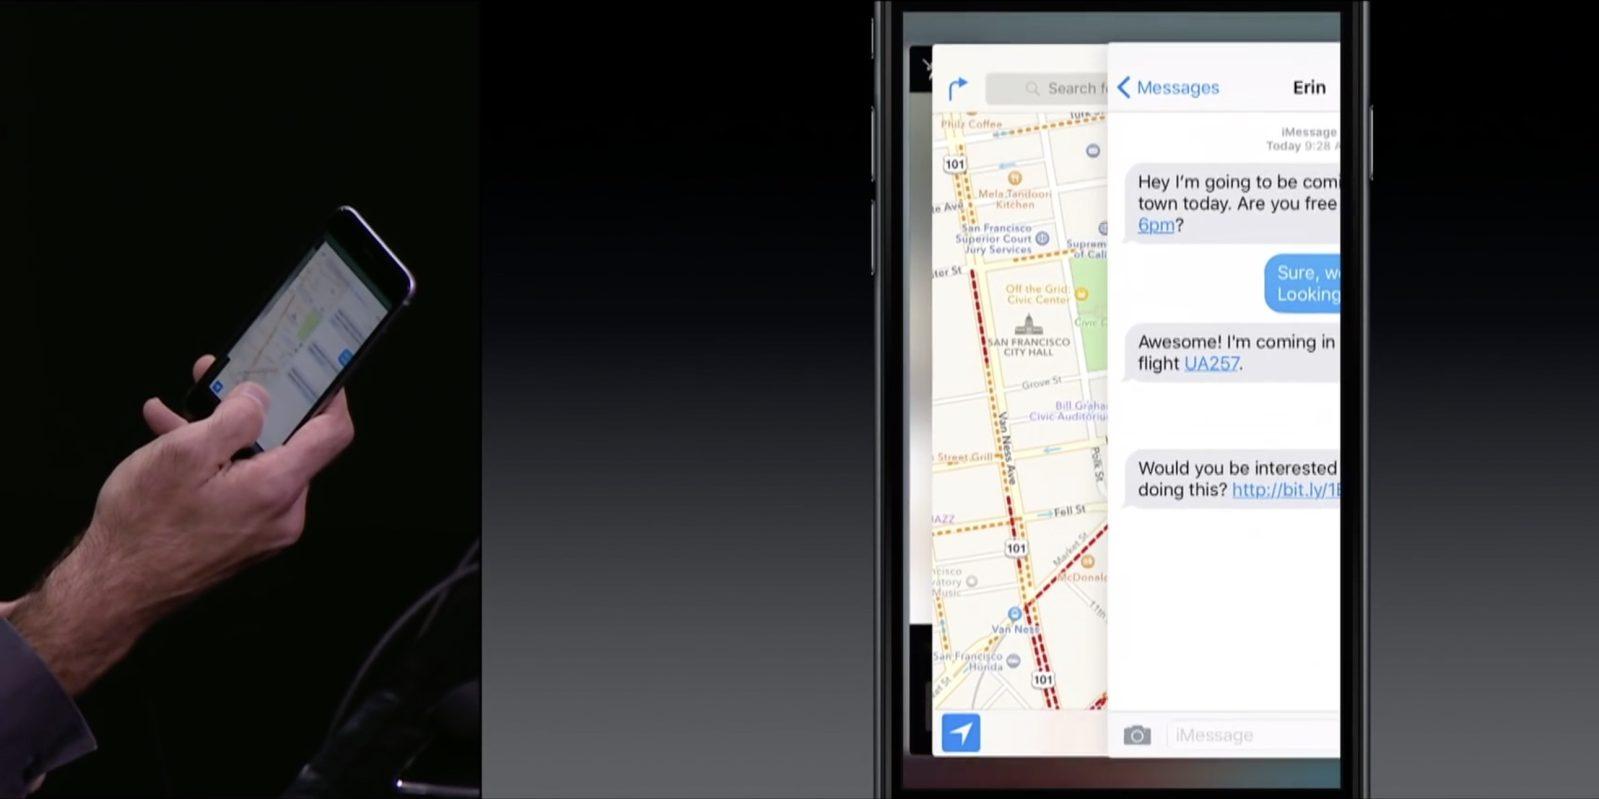 3D Touch multitasking demo bij iPhone 6s